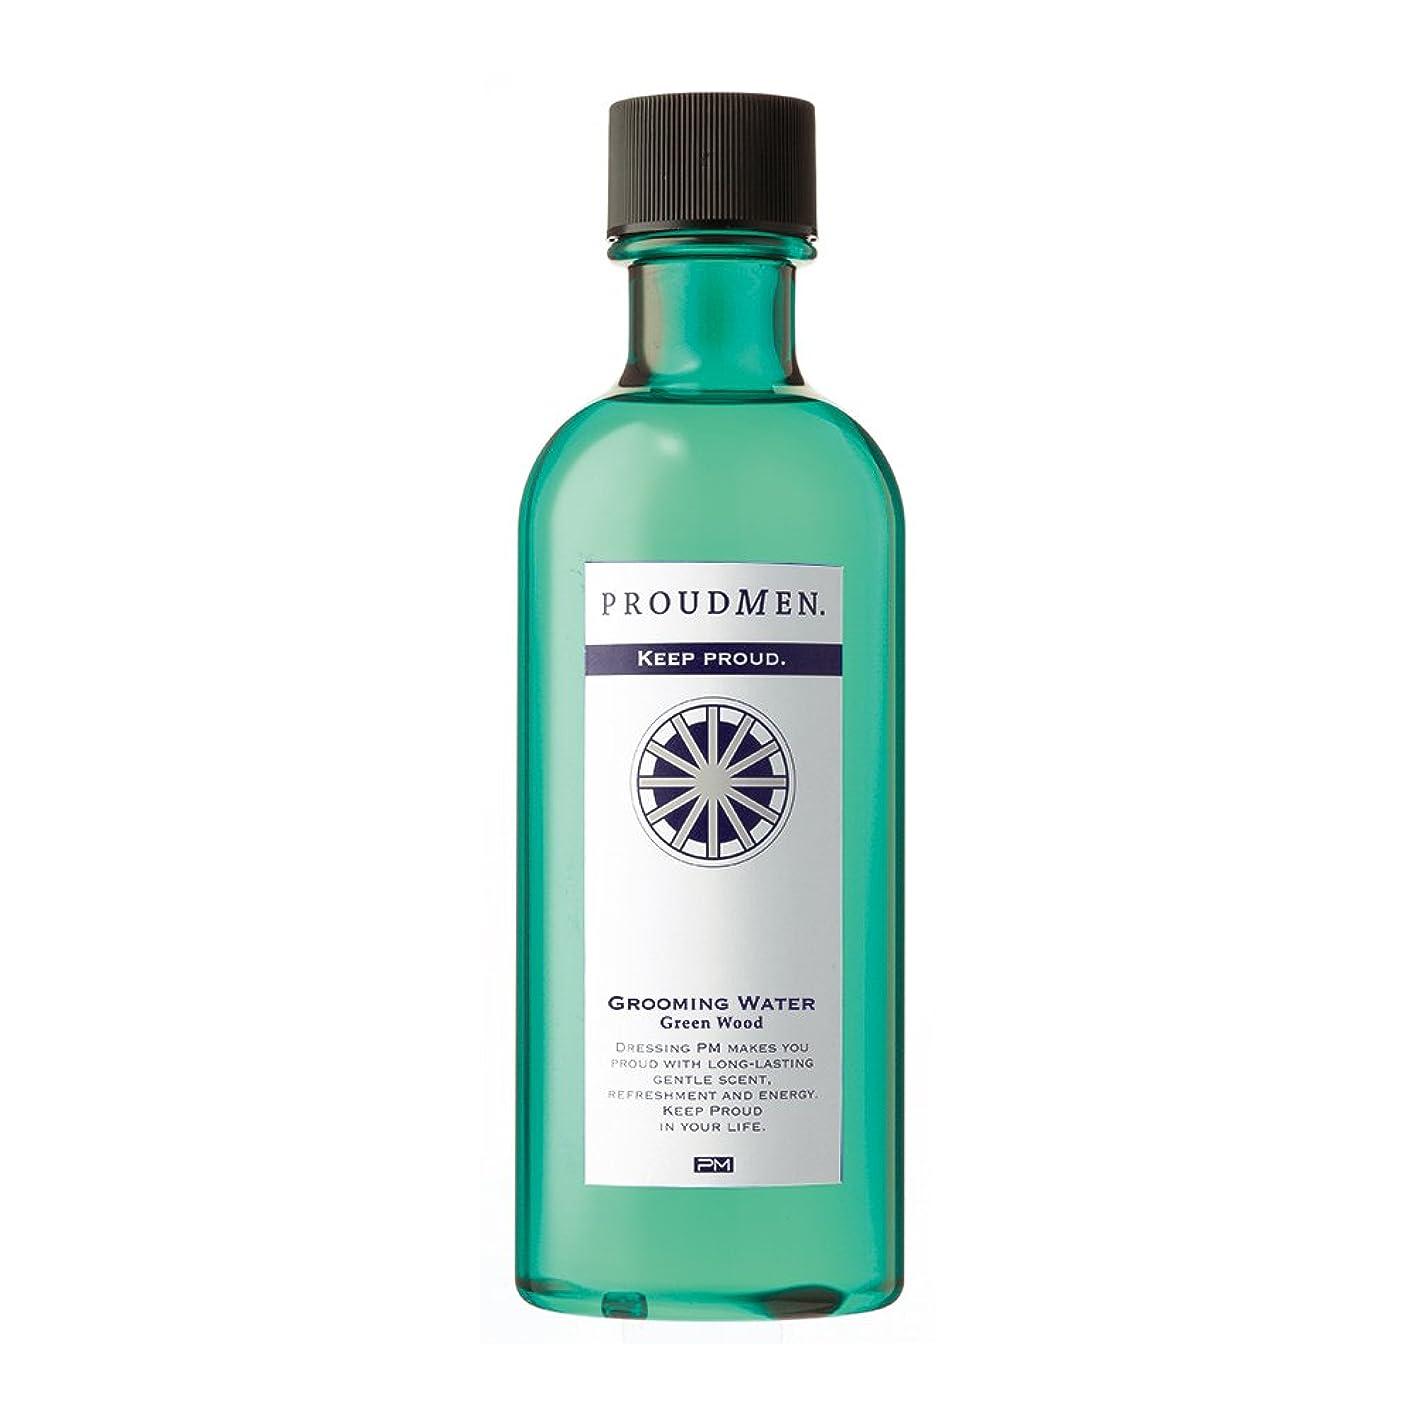 マーカーバスタブ放散するプラウドメン グルーミングウォーターGW 200ml (グリーンウッドの香り) 全身 ボディローション